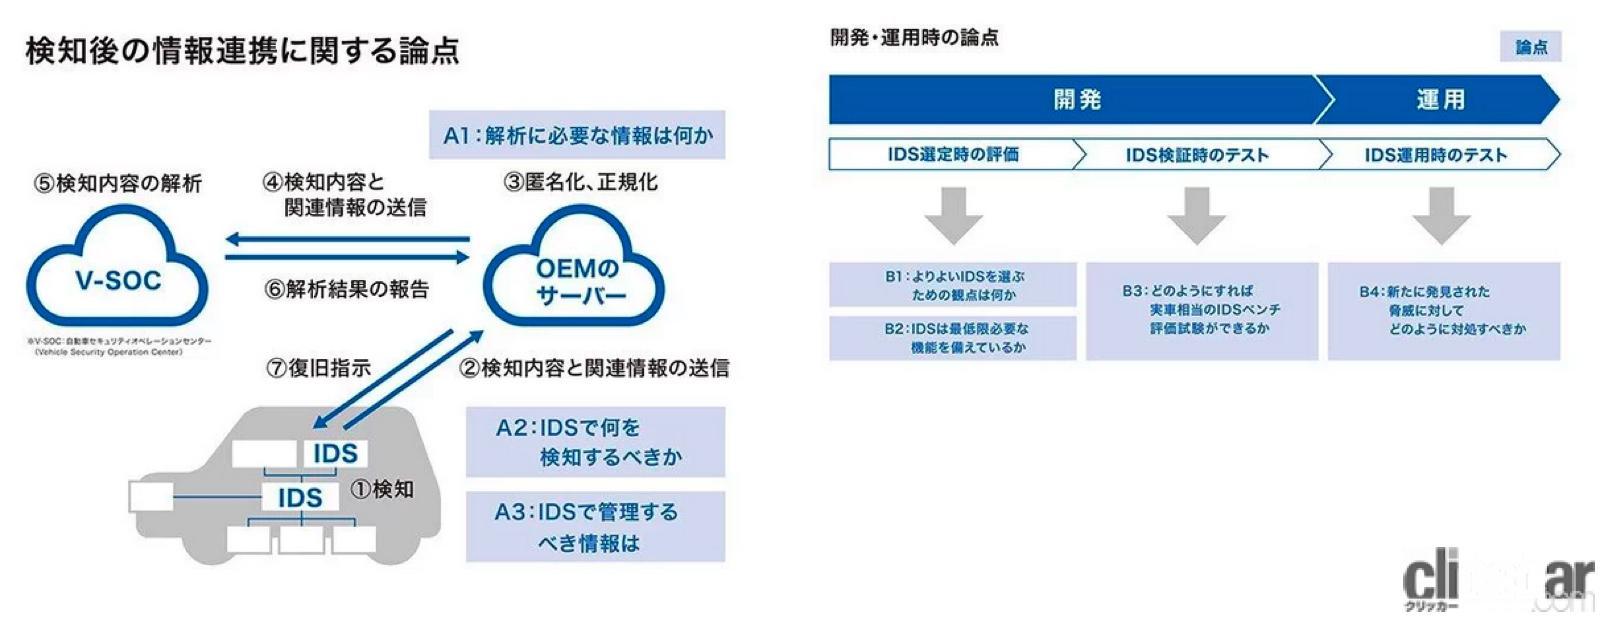 「清水和夫が解説!日本が進める「自動運転の今」はどんな技術で、どう使うのか?【SIP第2期 自動運転 中間成果発表会】」の15枚目の画像